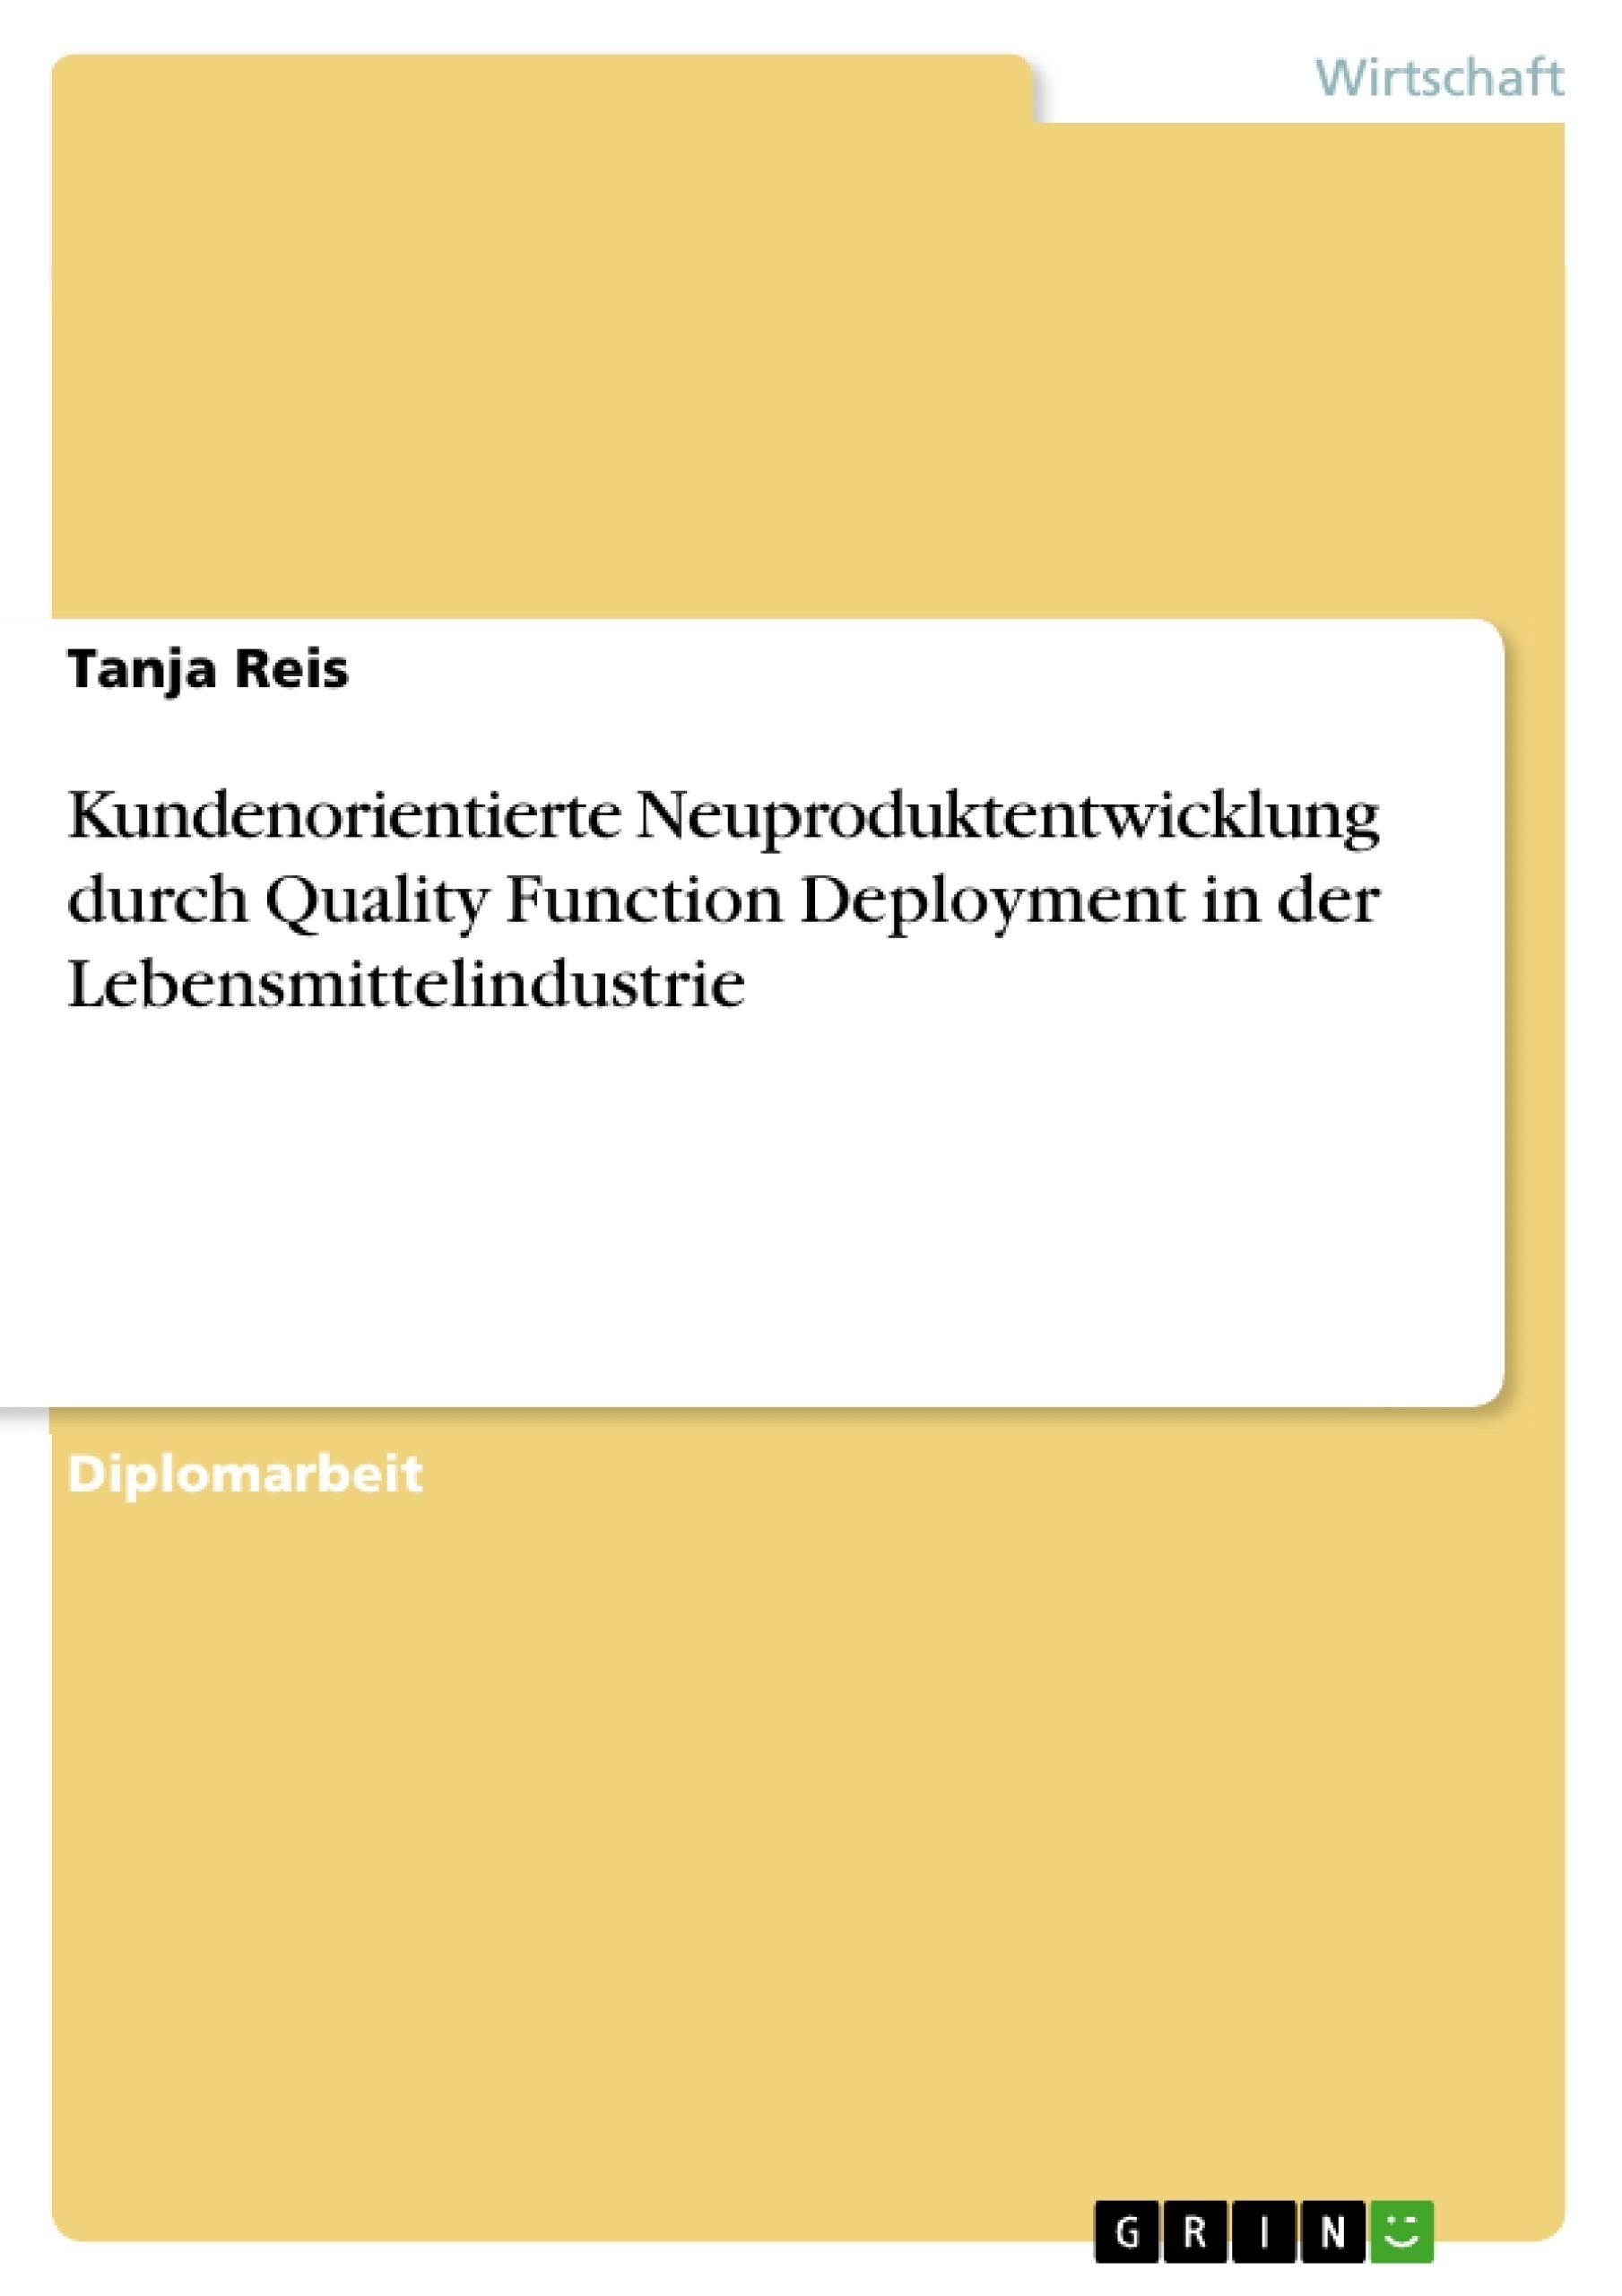 Titel: Kundenorientierte Neuproduktentwicklung durch Quality Function Deployment in der Lebensmittelindustrie